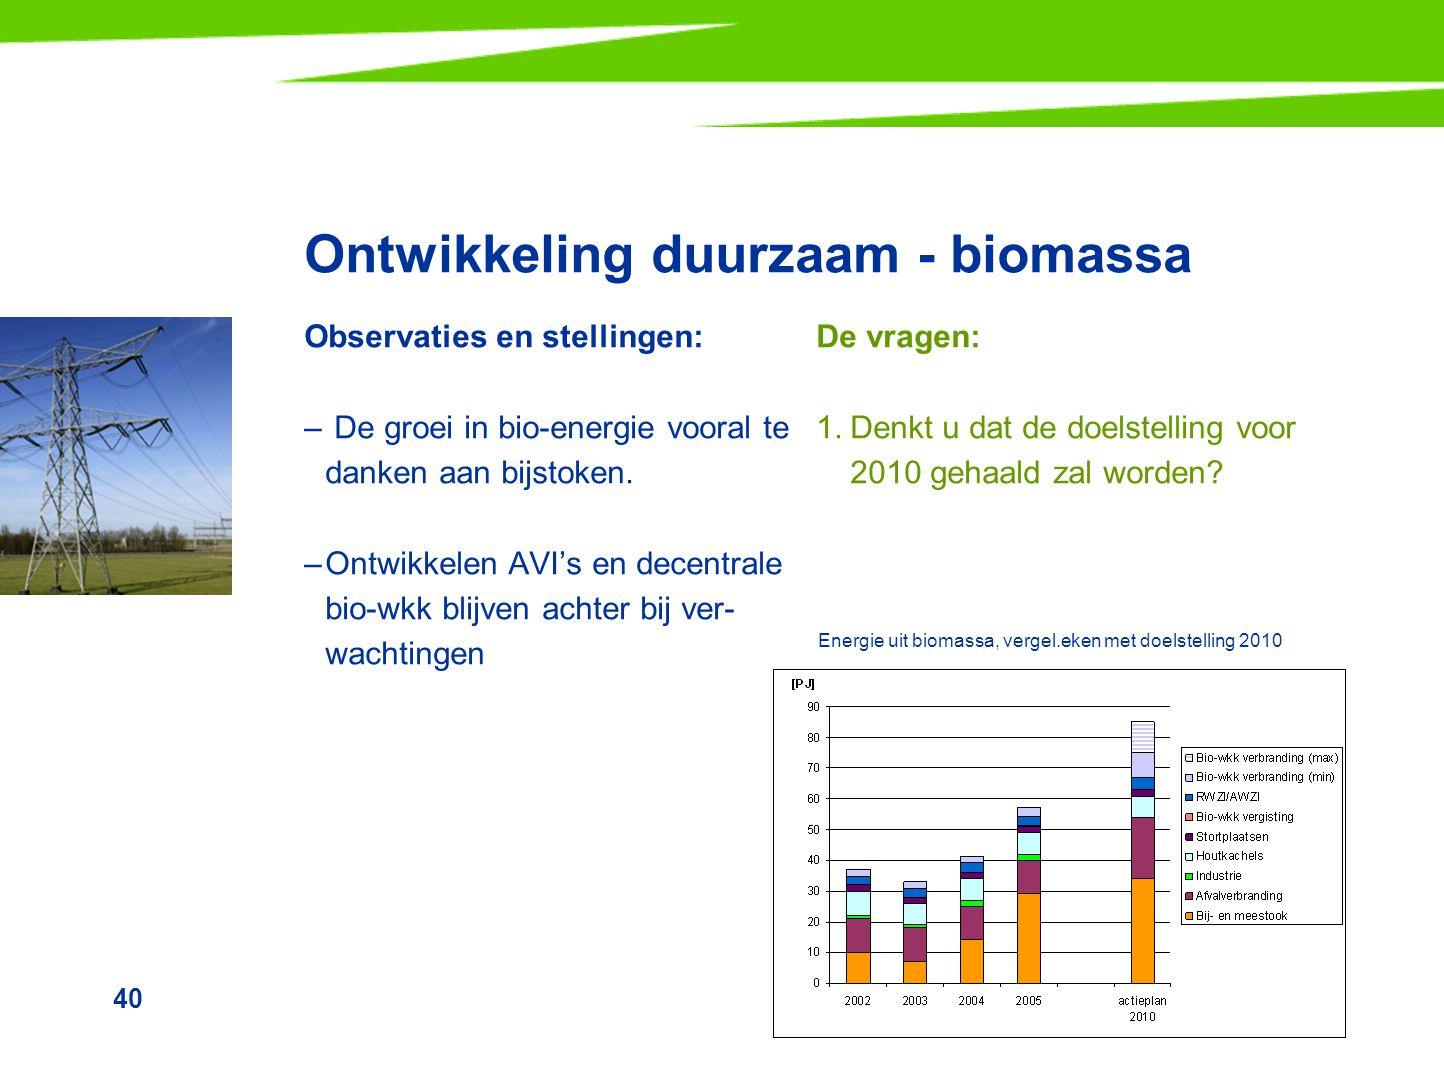 40 Ontwikkeling duurzaam - biomassa Observaties en stellingen: – De groei in bio-energie vooral te danken aan bijstoken. –Ontwikkelen AVI's en decentr